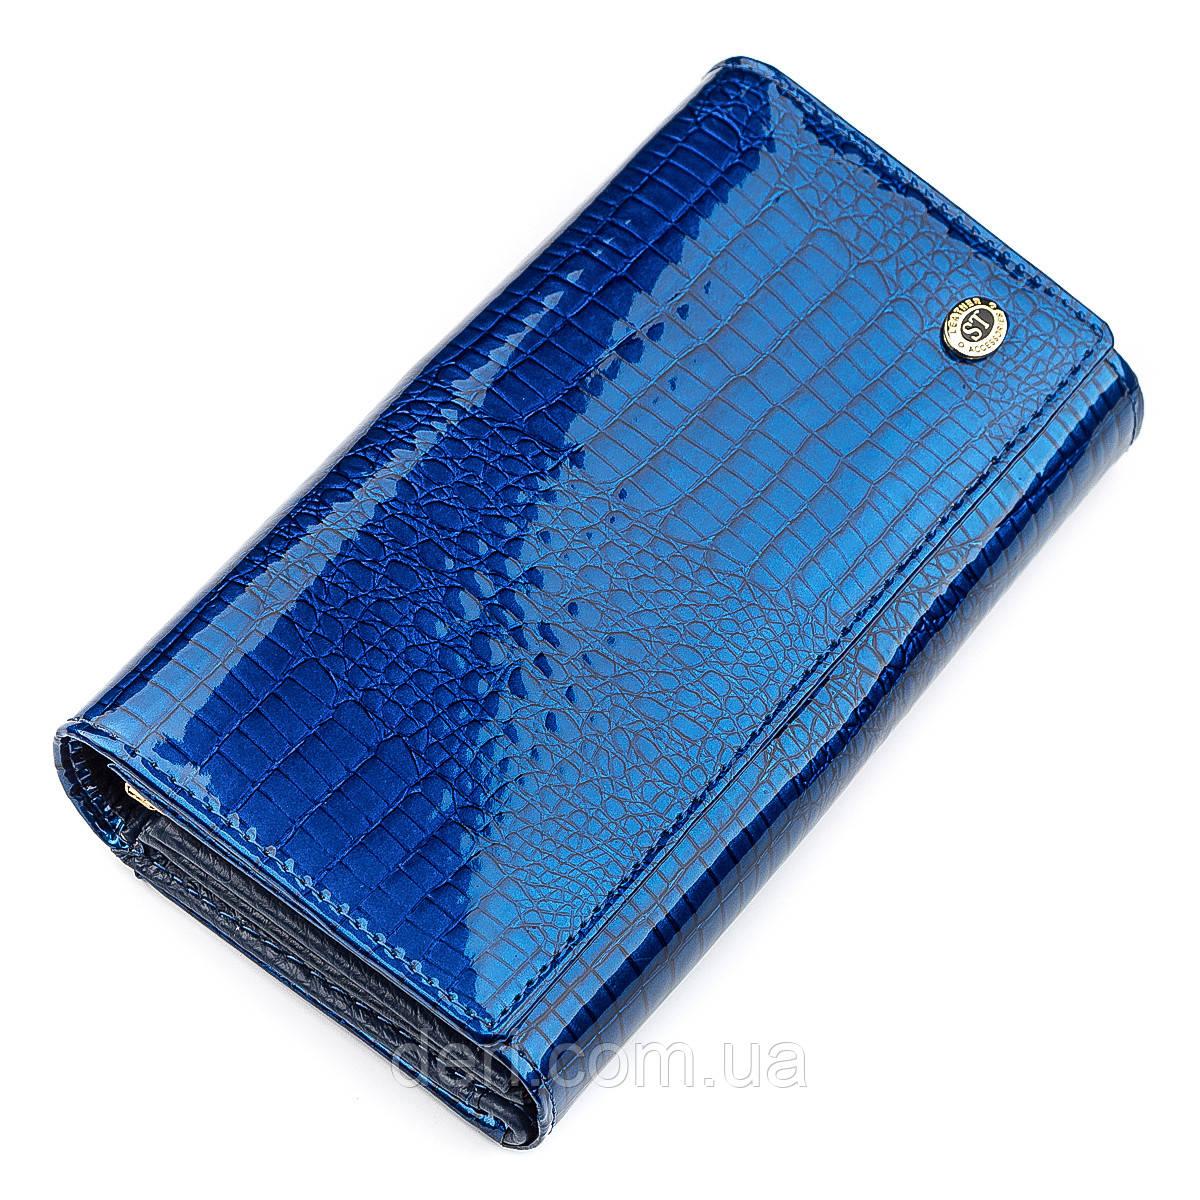 Модний гаманець жіночий синій